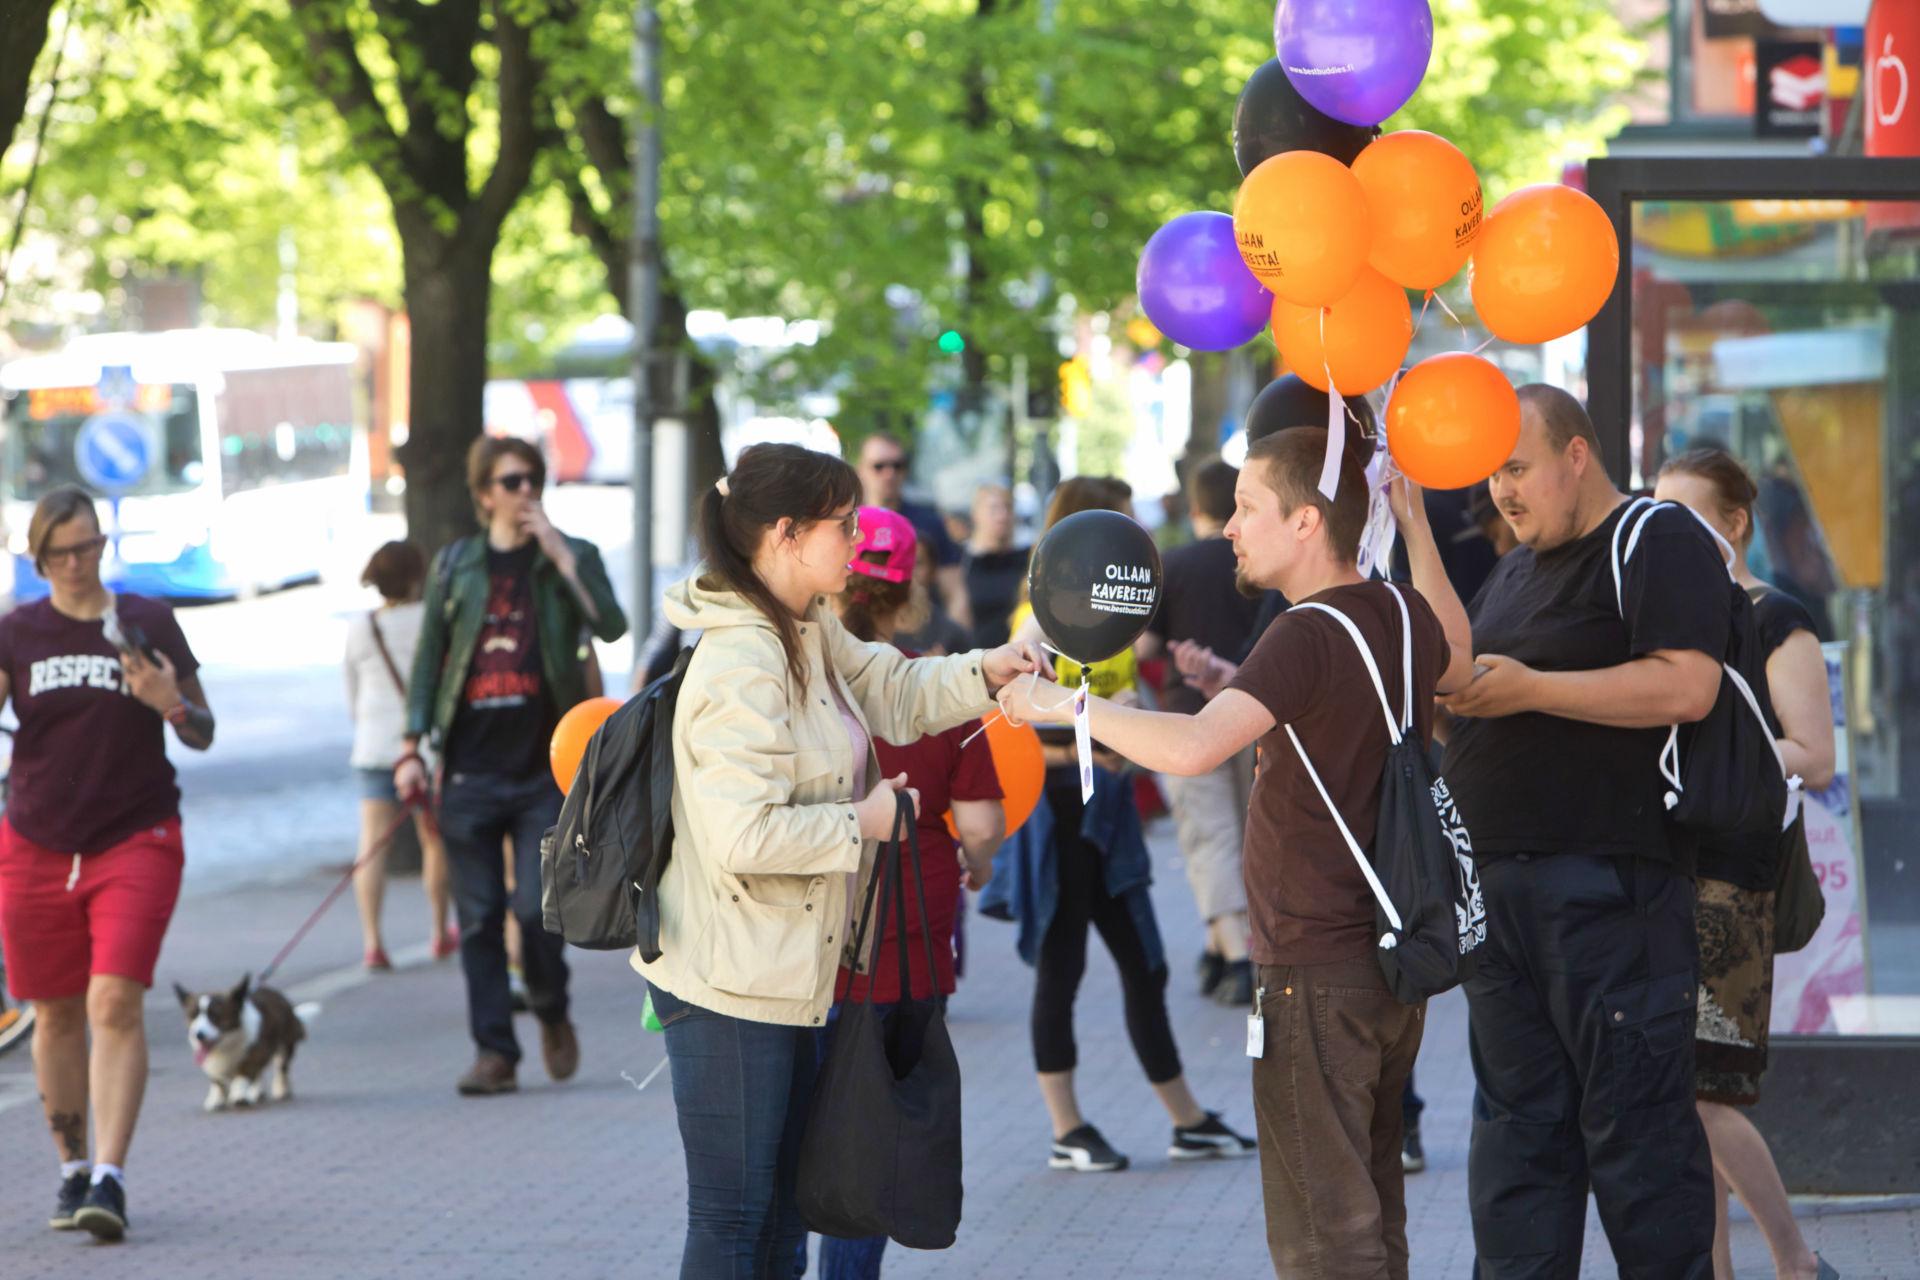 Vapaaehtoiset jakavat ilmapalloja Tampereen Hämeenkadulla